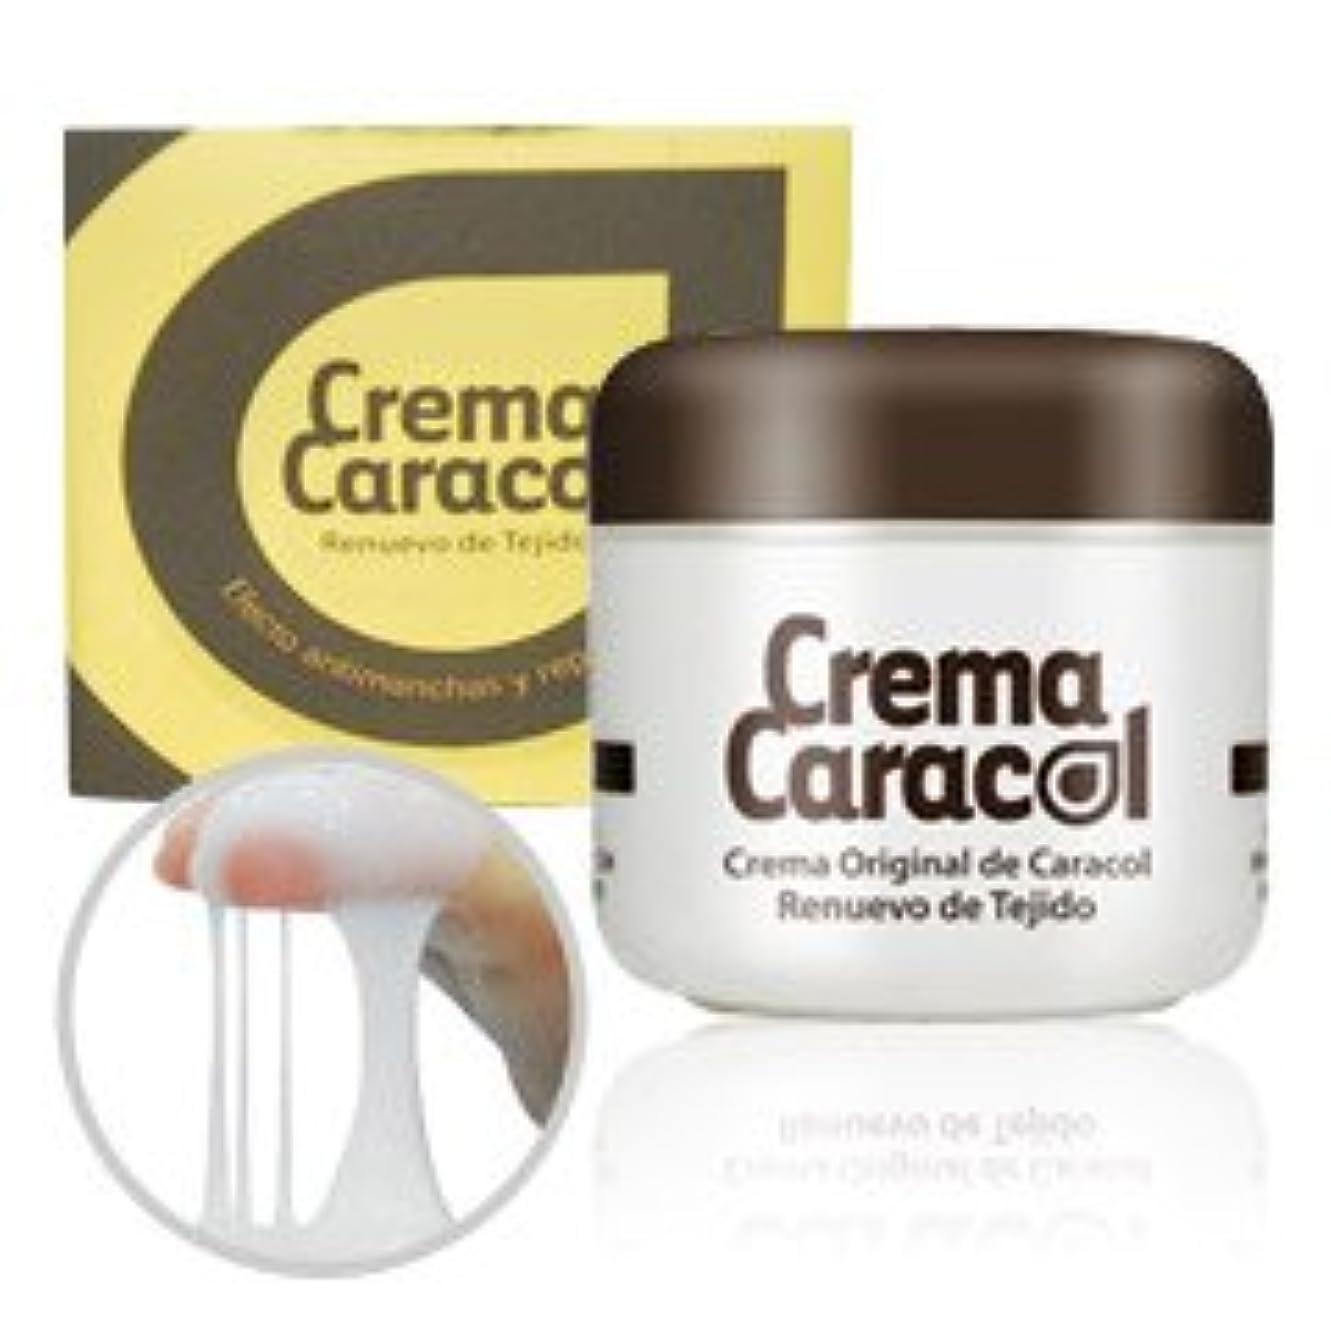 オークこの所属crema caracol(カラコール) かたつむりクリーム 3個セット